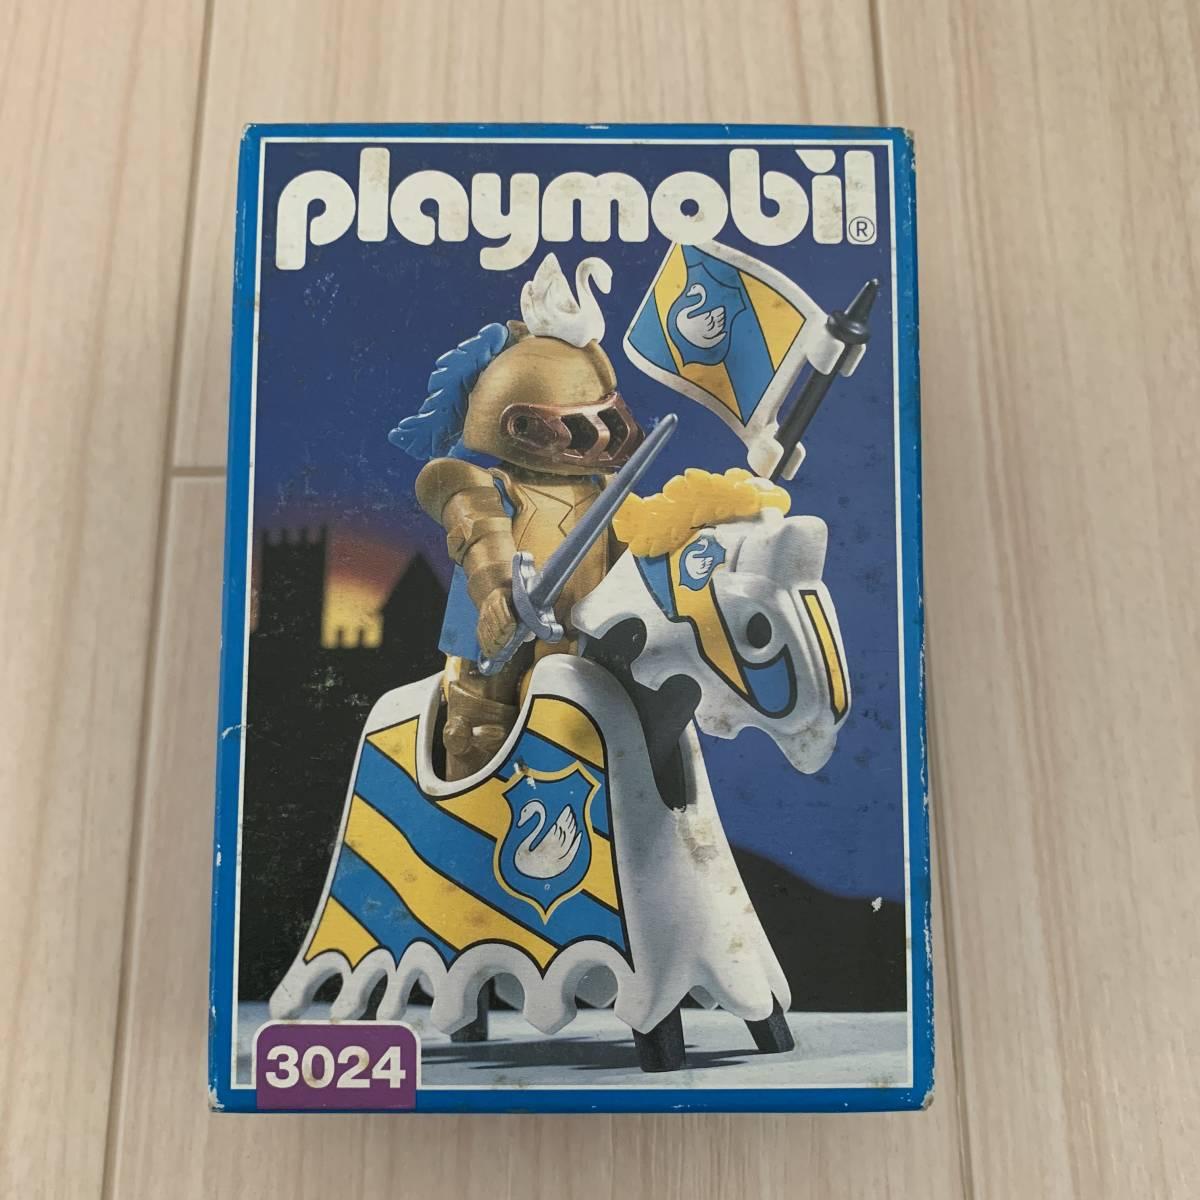 playmobil プレイモービル 3024 中世 ゴールデン騎士 絶版★未開封_画像1